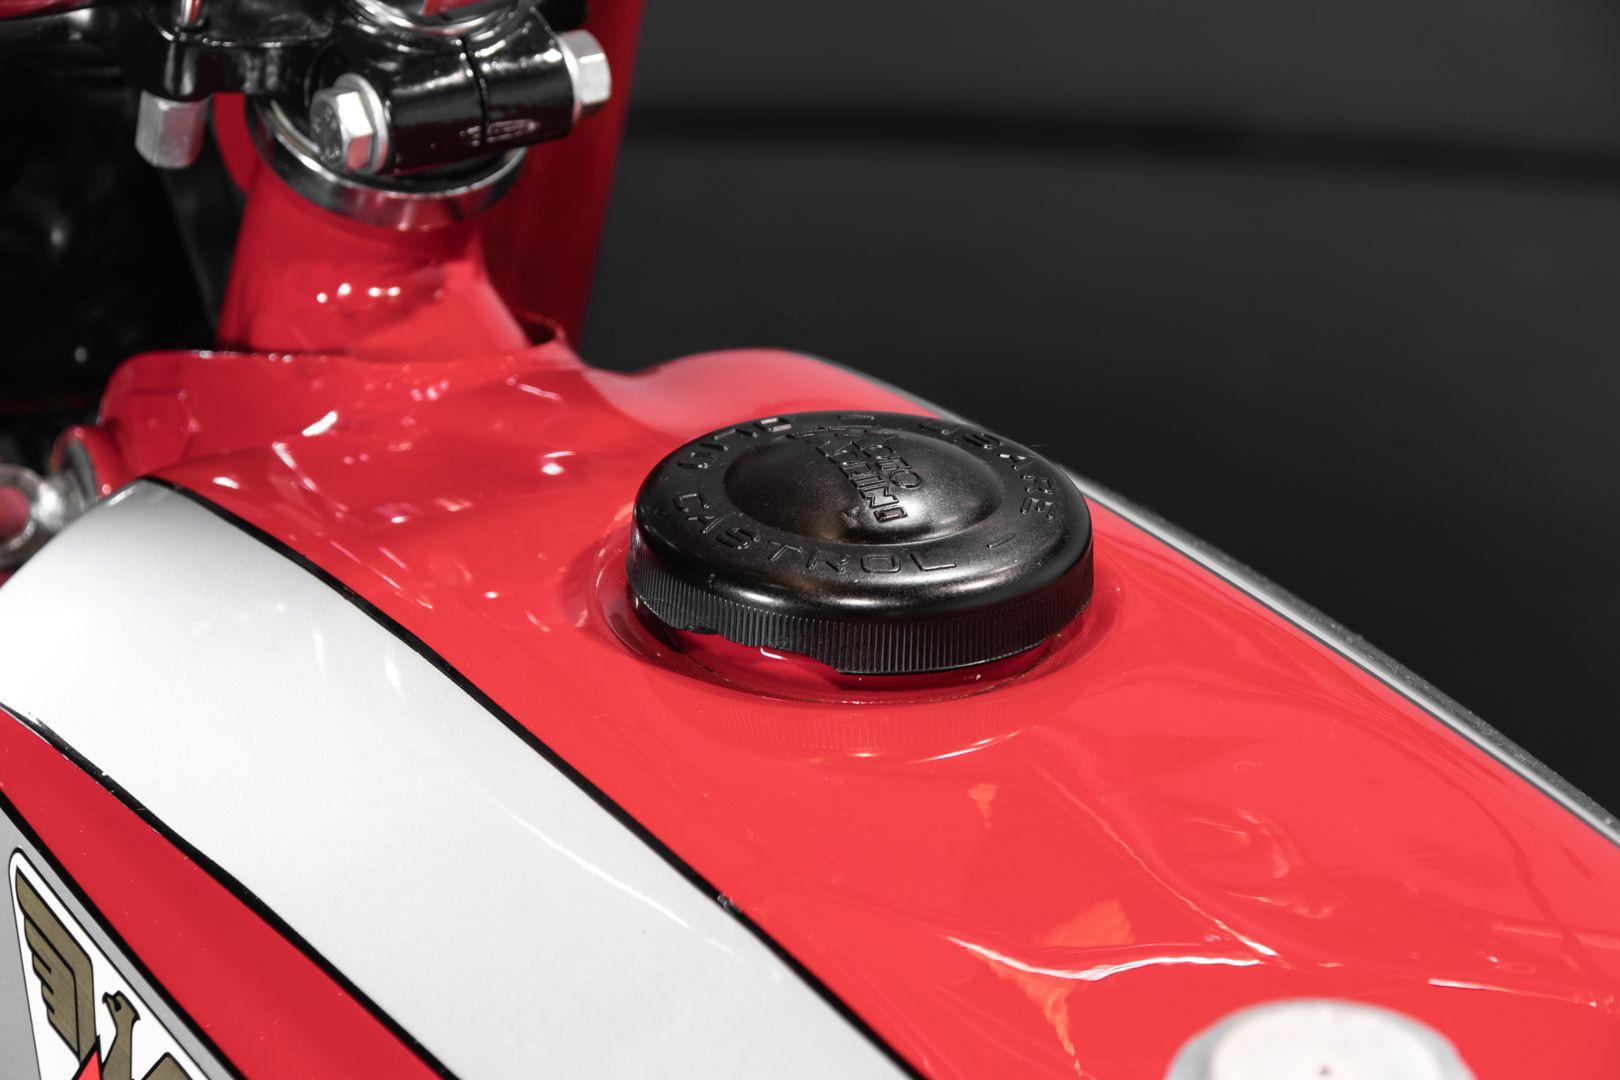 1966 Moto Morini Regolarità Griglione 125 77327